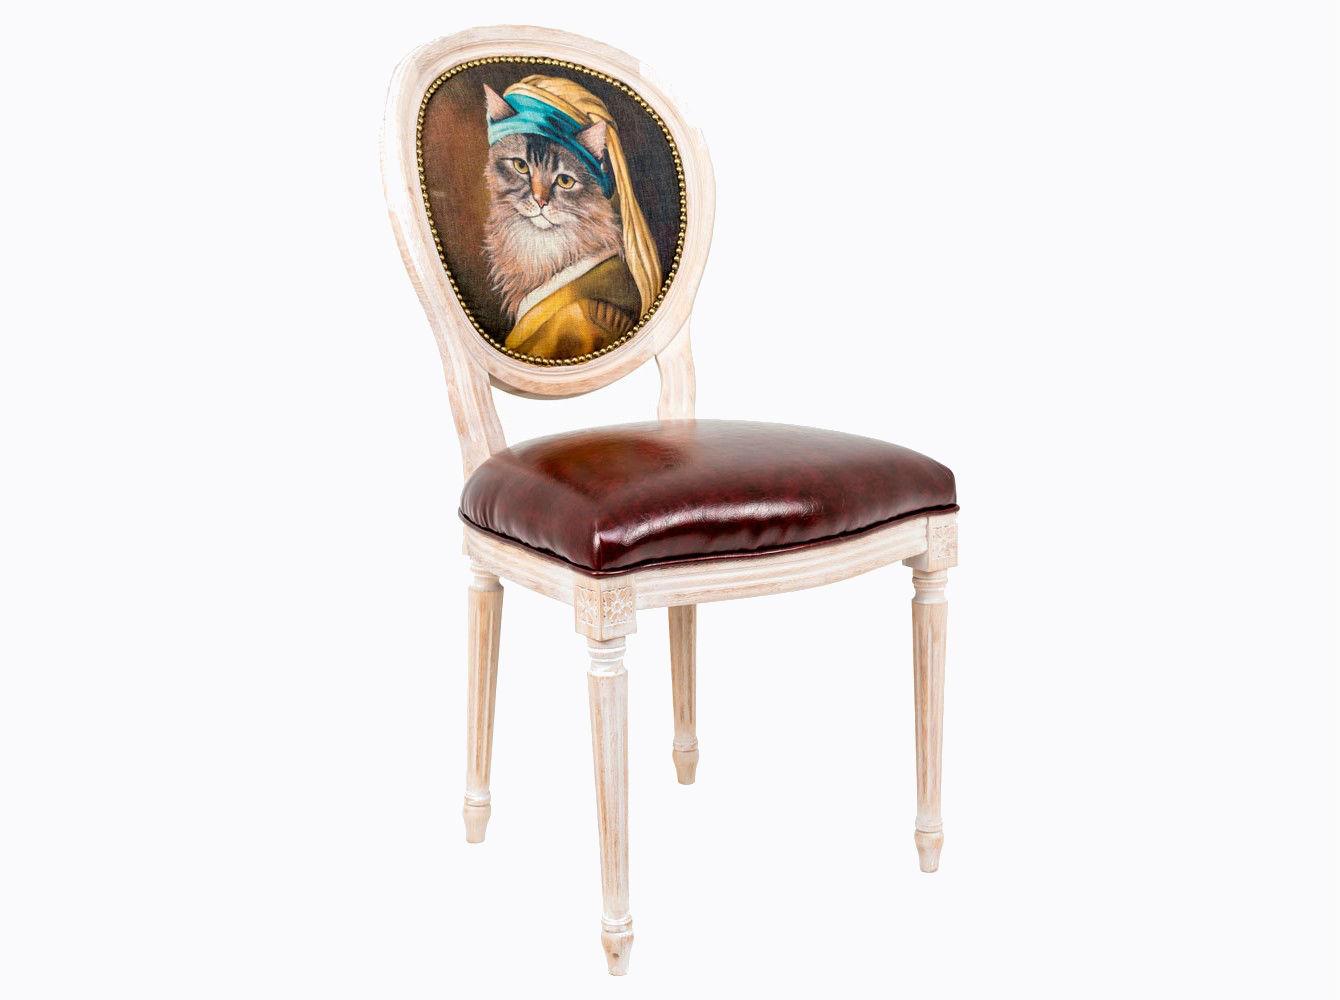 Стул «Музейный экспонат», версия 26Обеденные стулья<br>Стулья с овальными спинками - закон симметричной гармонии окружающего пространства. Овалы идеально рифмуются в интерьере с зеркалами.<br>Корпус стула изготовлен из натурального бука. Среди европейских пород бук считается самым прочным и долговечным материалом. По эксклюзивному дизайну &amp;quot;Объекта мечты&amp;quot; корпусы стульев серии &amp;quot;Музейный экспонат&amp;quot; выточены, брашированы и патинированы в Италии. <br>В дизайне &amp;quot;Музейный экспонат&amp;quot; резьба играет ведущую роль: стул украшен вычурными желобками и цветочными узорами, выточенными с ювелирной меткостью. <br>Комфортабельность, прочность и долговечность сиденья обеспечены подвеской из эластичных ремней. Обивка оснащена тефлоновым покрытием против пятен. <br>Не упустите возможности обладания поистине уникальной дизайнерской мебелью, - коллекция &amp;quot;Музейный экспонат&amp;quot; выпущена лимитированными экземплярами.&amp;amp;nbsp;&amp;lt;div&amp;gt;&amp;lt;br&amp;gt;&amp;lt;/div&amp;gt;&amp;lt;div&amp;gt;Каркас - натуральное дерево бука, обивка сиденья и оборотной стороны спинки - эко-кожа, обивка спинки: 29% лен, 9 % хлопок, 72% полиэстер&amp;lt;br&amp;gt;&amp;lt;/div&amp;gt;<br><br>Material: Дерево<br>Width см: 55<br>Depth см: 50<br>Height см: 95